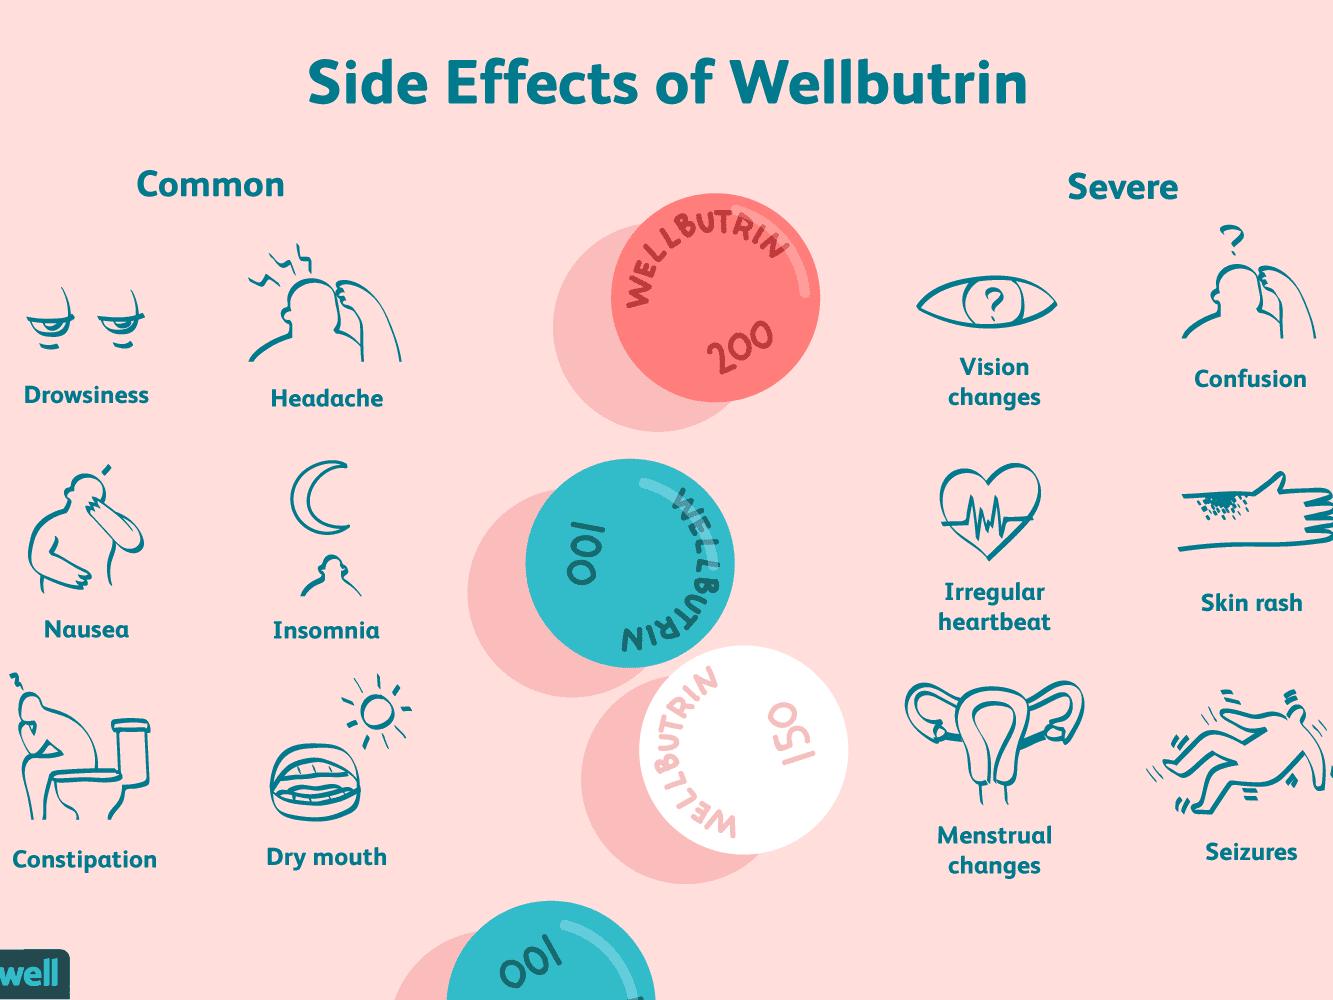 Wellbutrin (Bupropion) Side Effects